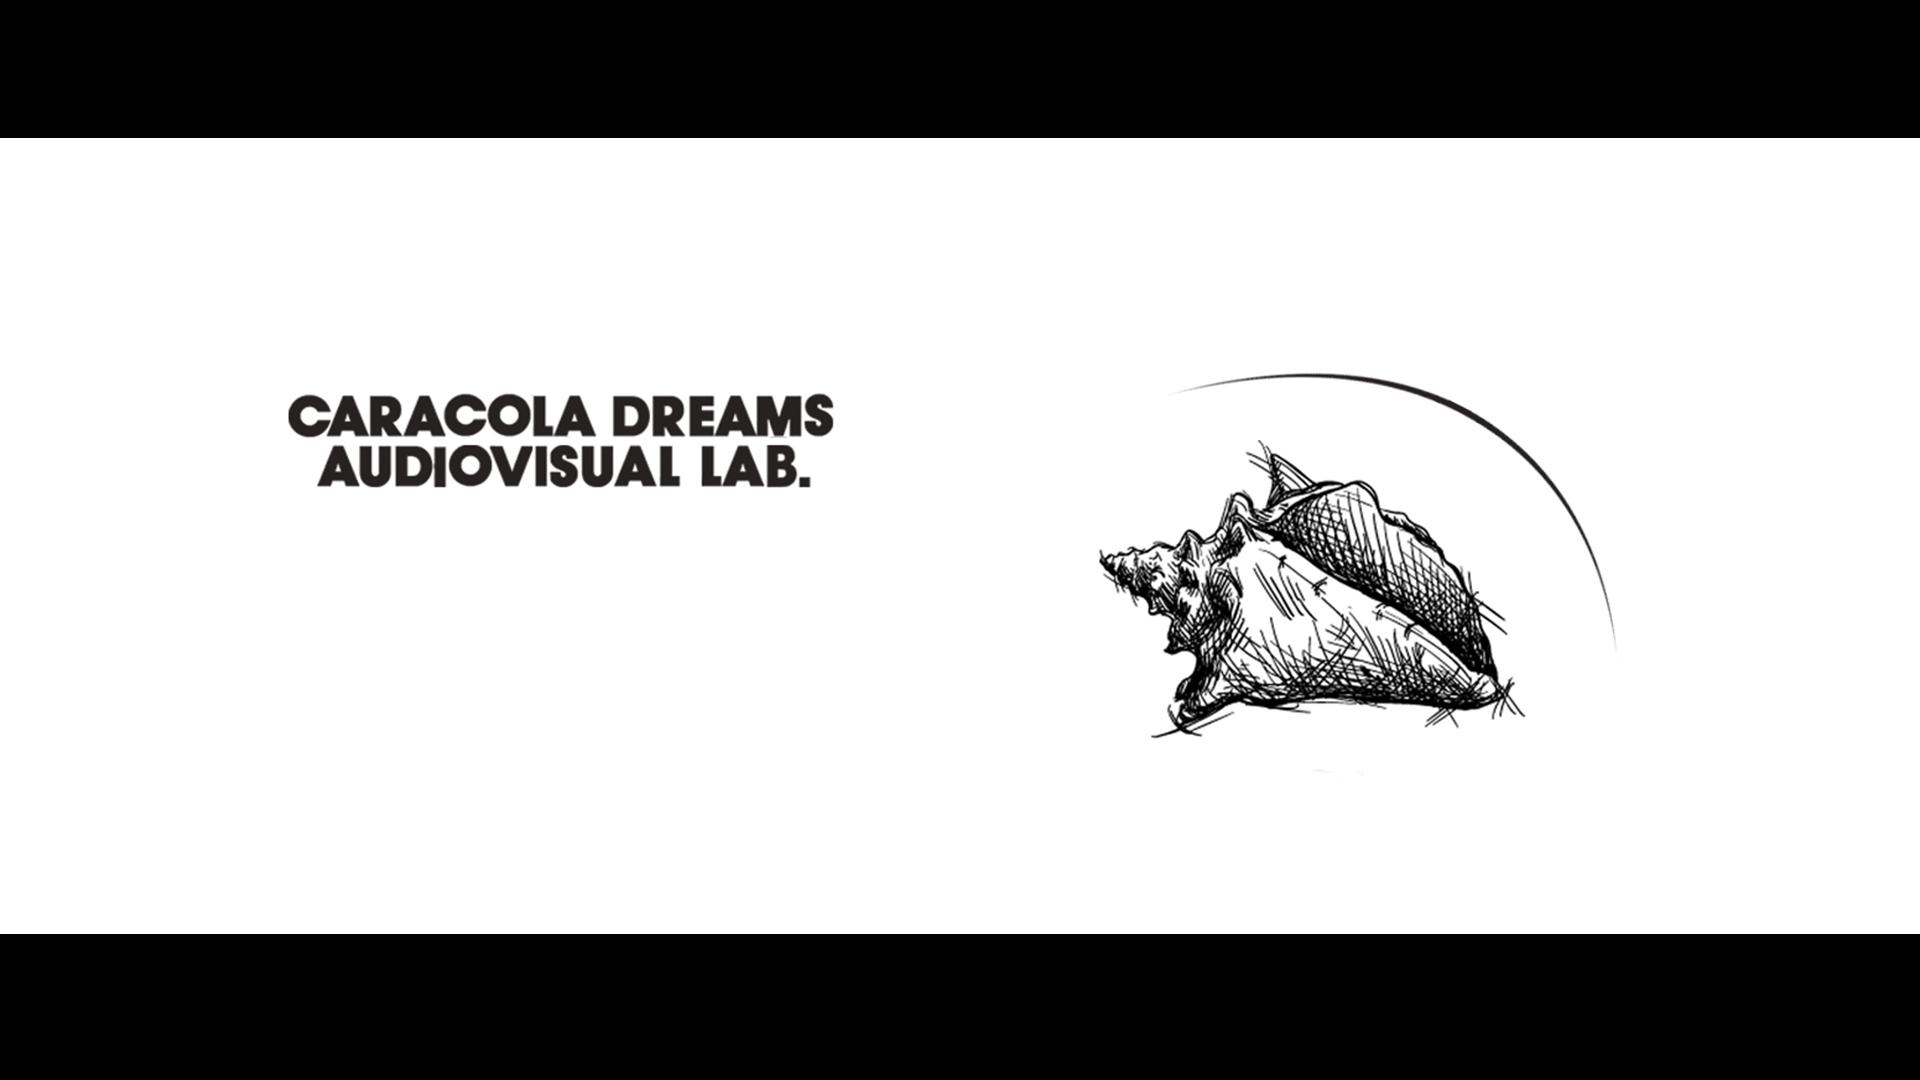 Caracola Dreams